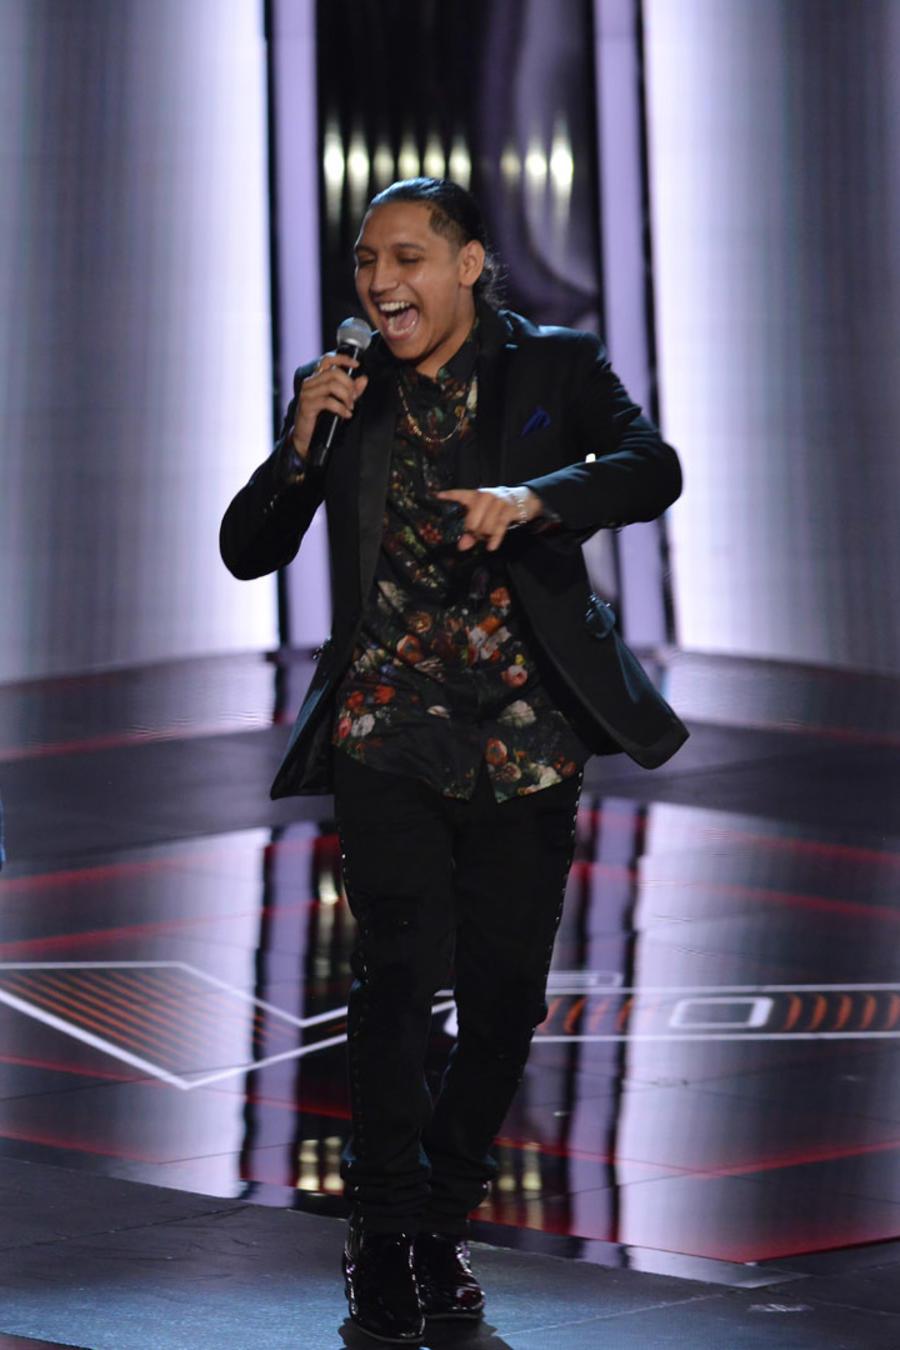 Adrian Torres con su familia en el escenario de La Voz US 2